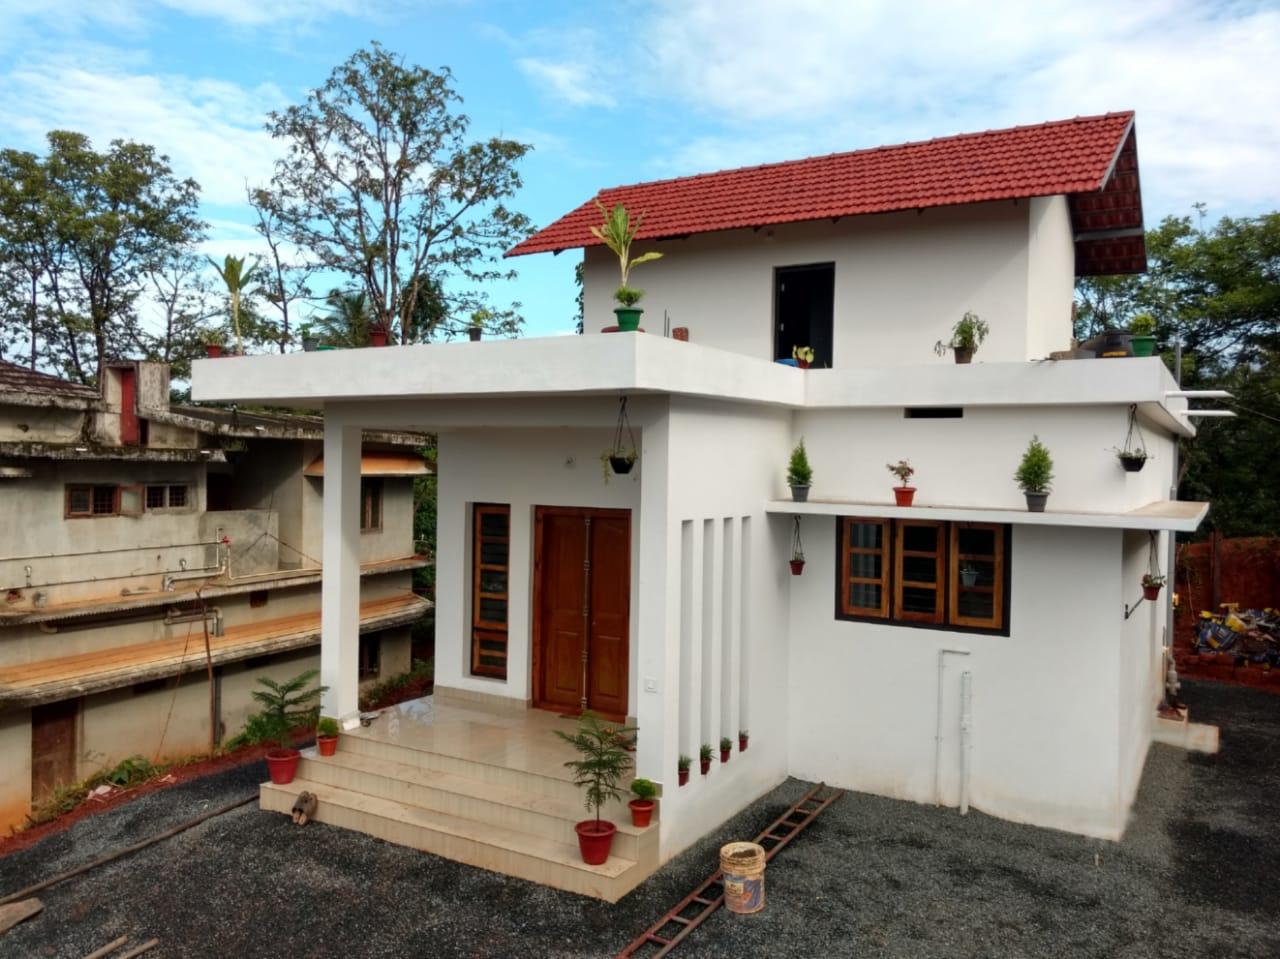 ഗോകുലം കേരള എഫ് സി - എ ബി ബിസ്മി സാറ്റ് തീരൂർ സൗഹൃദ മത്സരം ഒരുക്കിയ സ്നേഹവീട് ഇന്ന് കൈമാറും